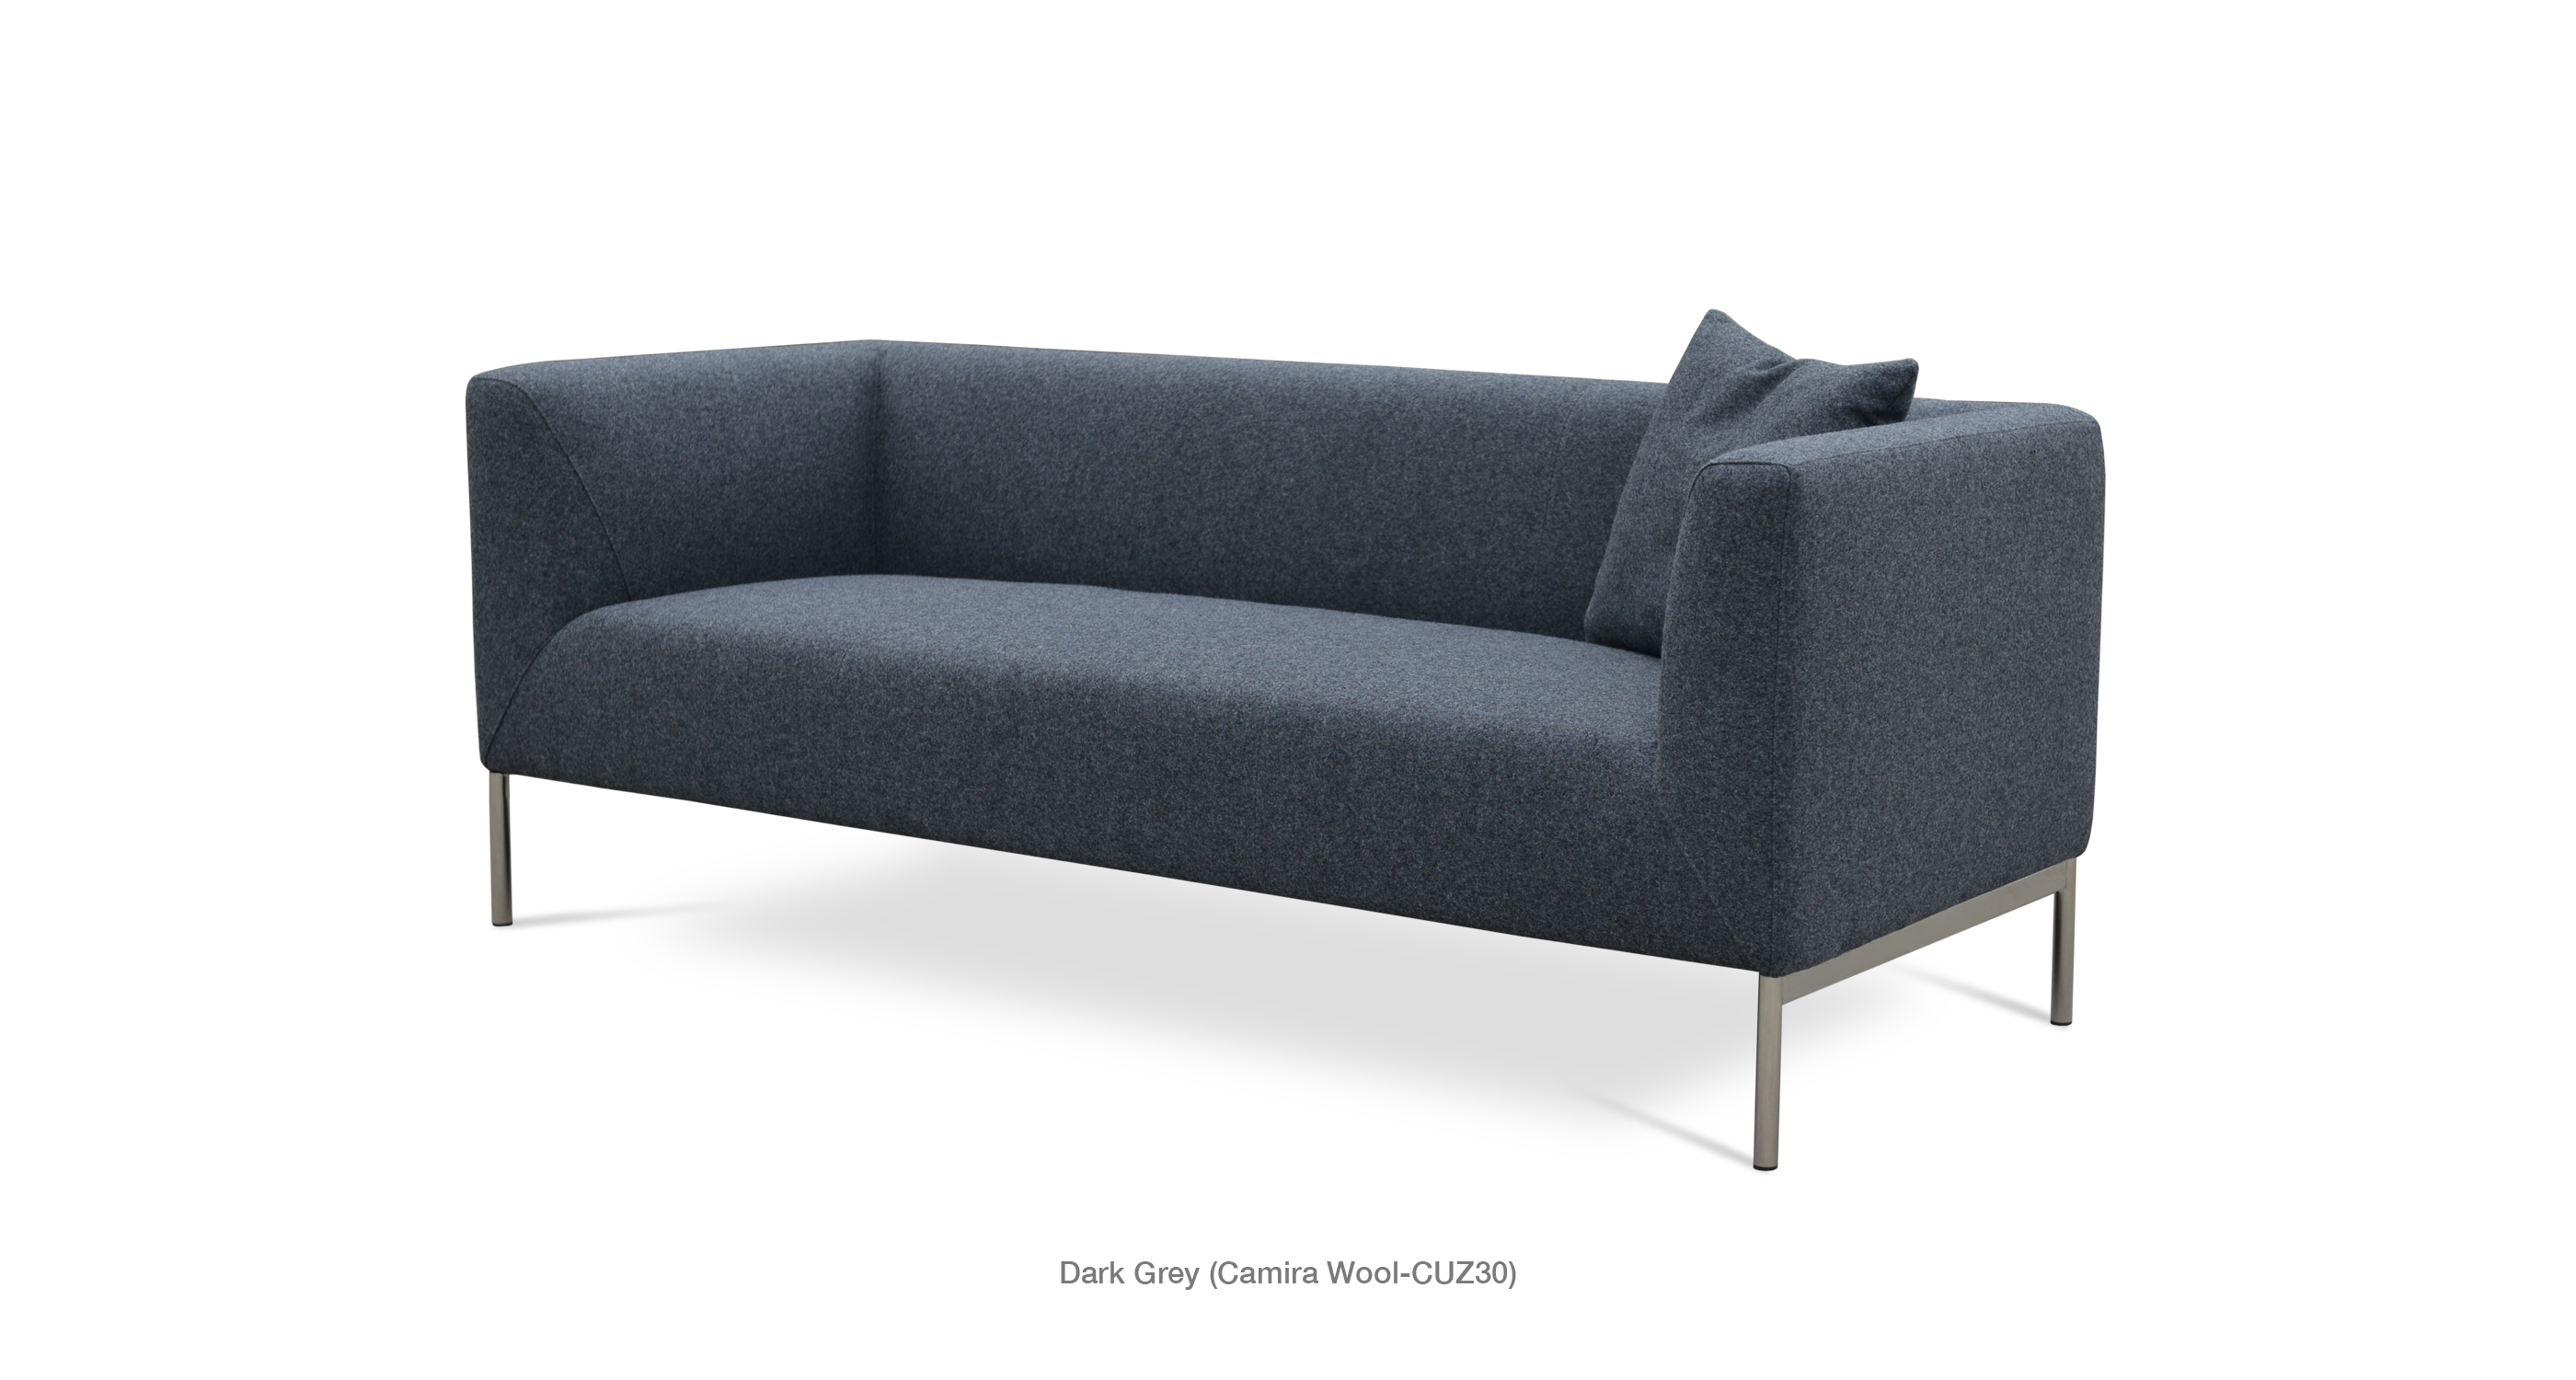 stressless skyline preis best stressless sessel preis. Black Bedroom Furniture Sets. Home Design Ideas